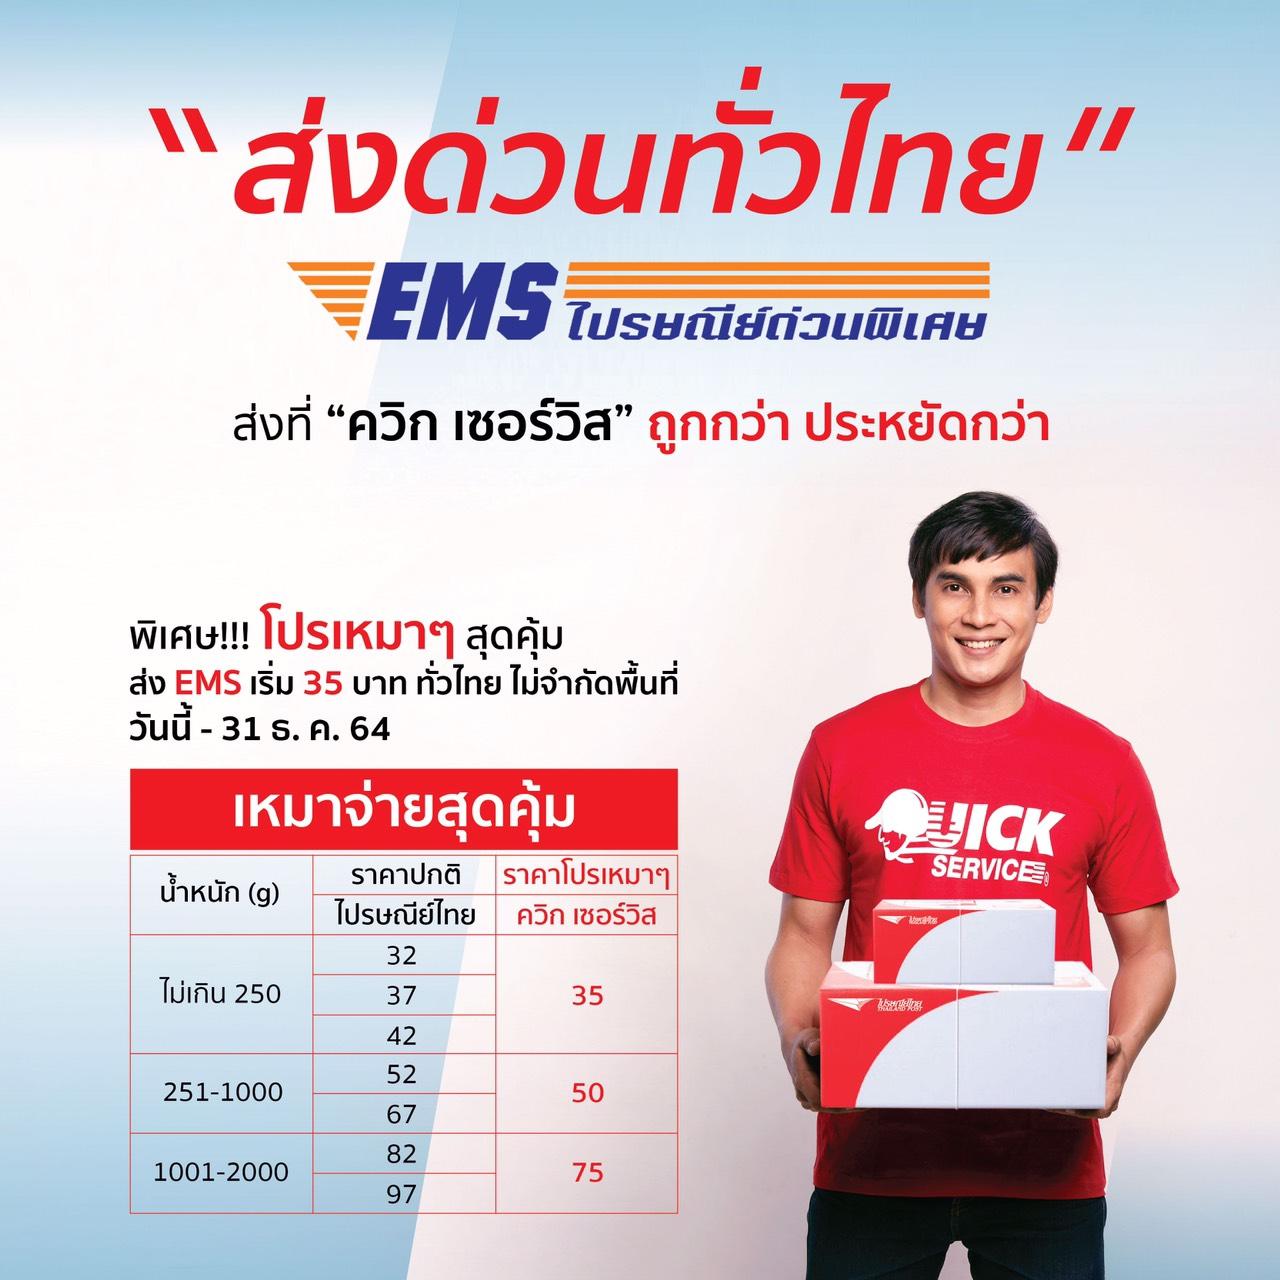 โปรเหมาๆ ส่ง EMS ถูกที่สุดในประเทศ